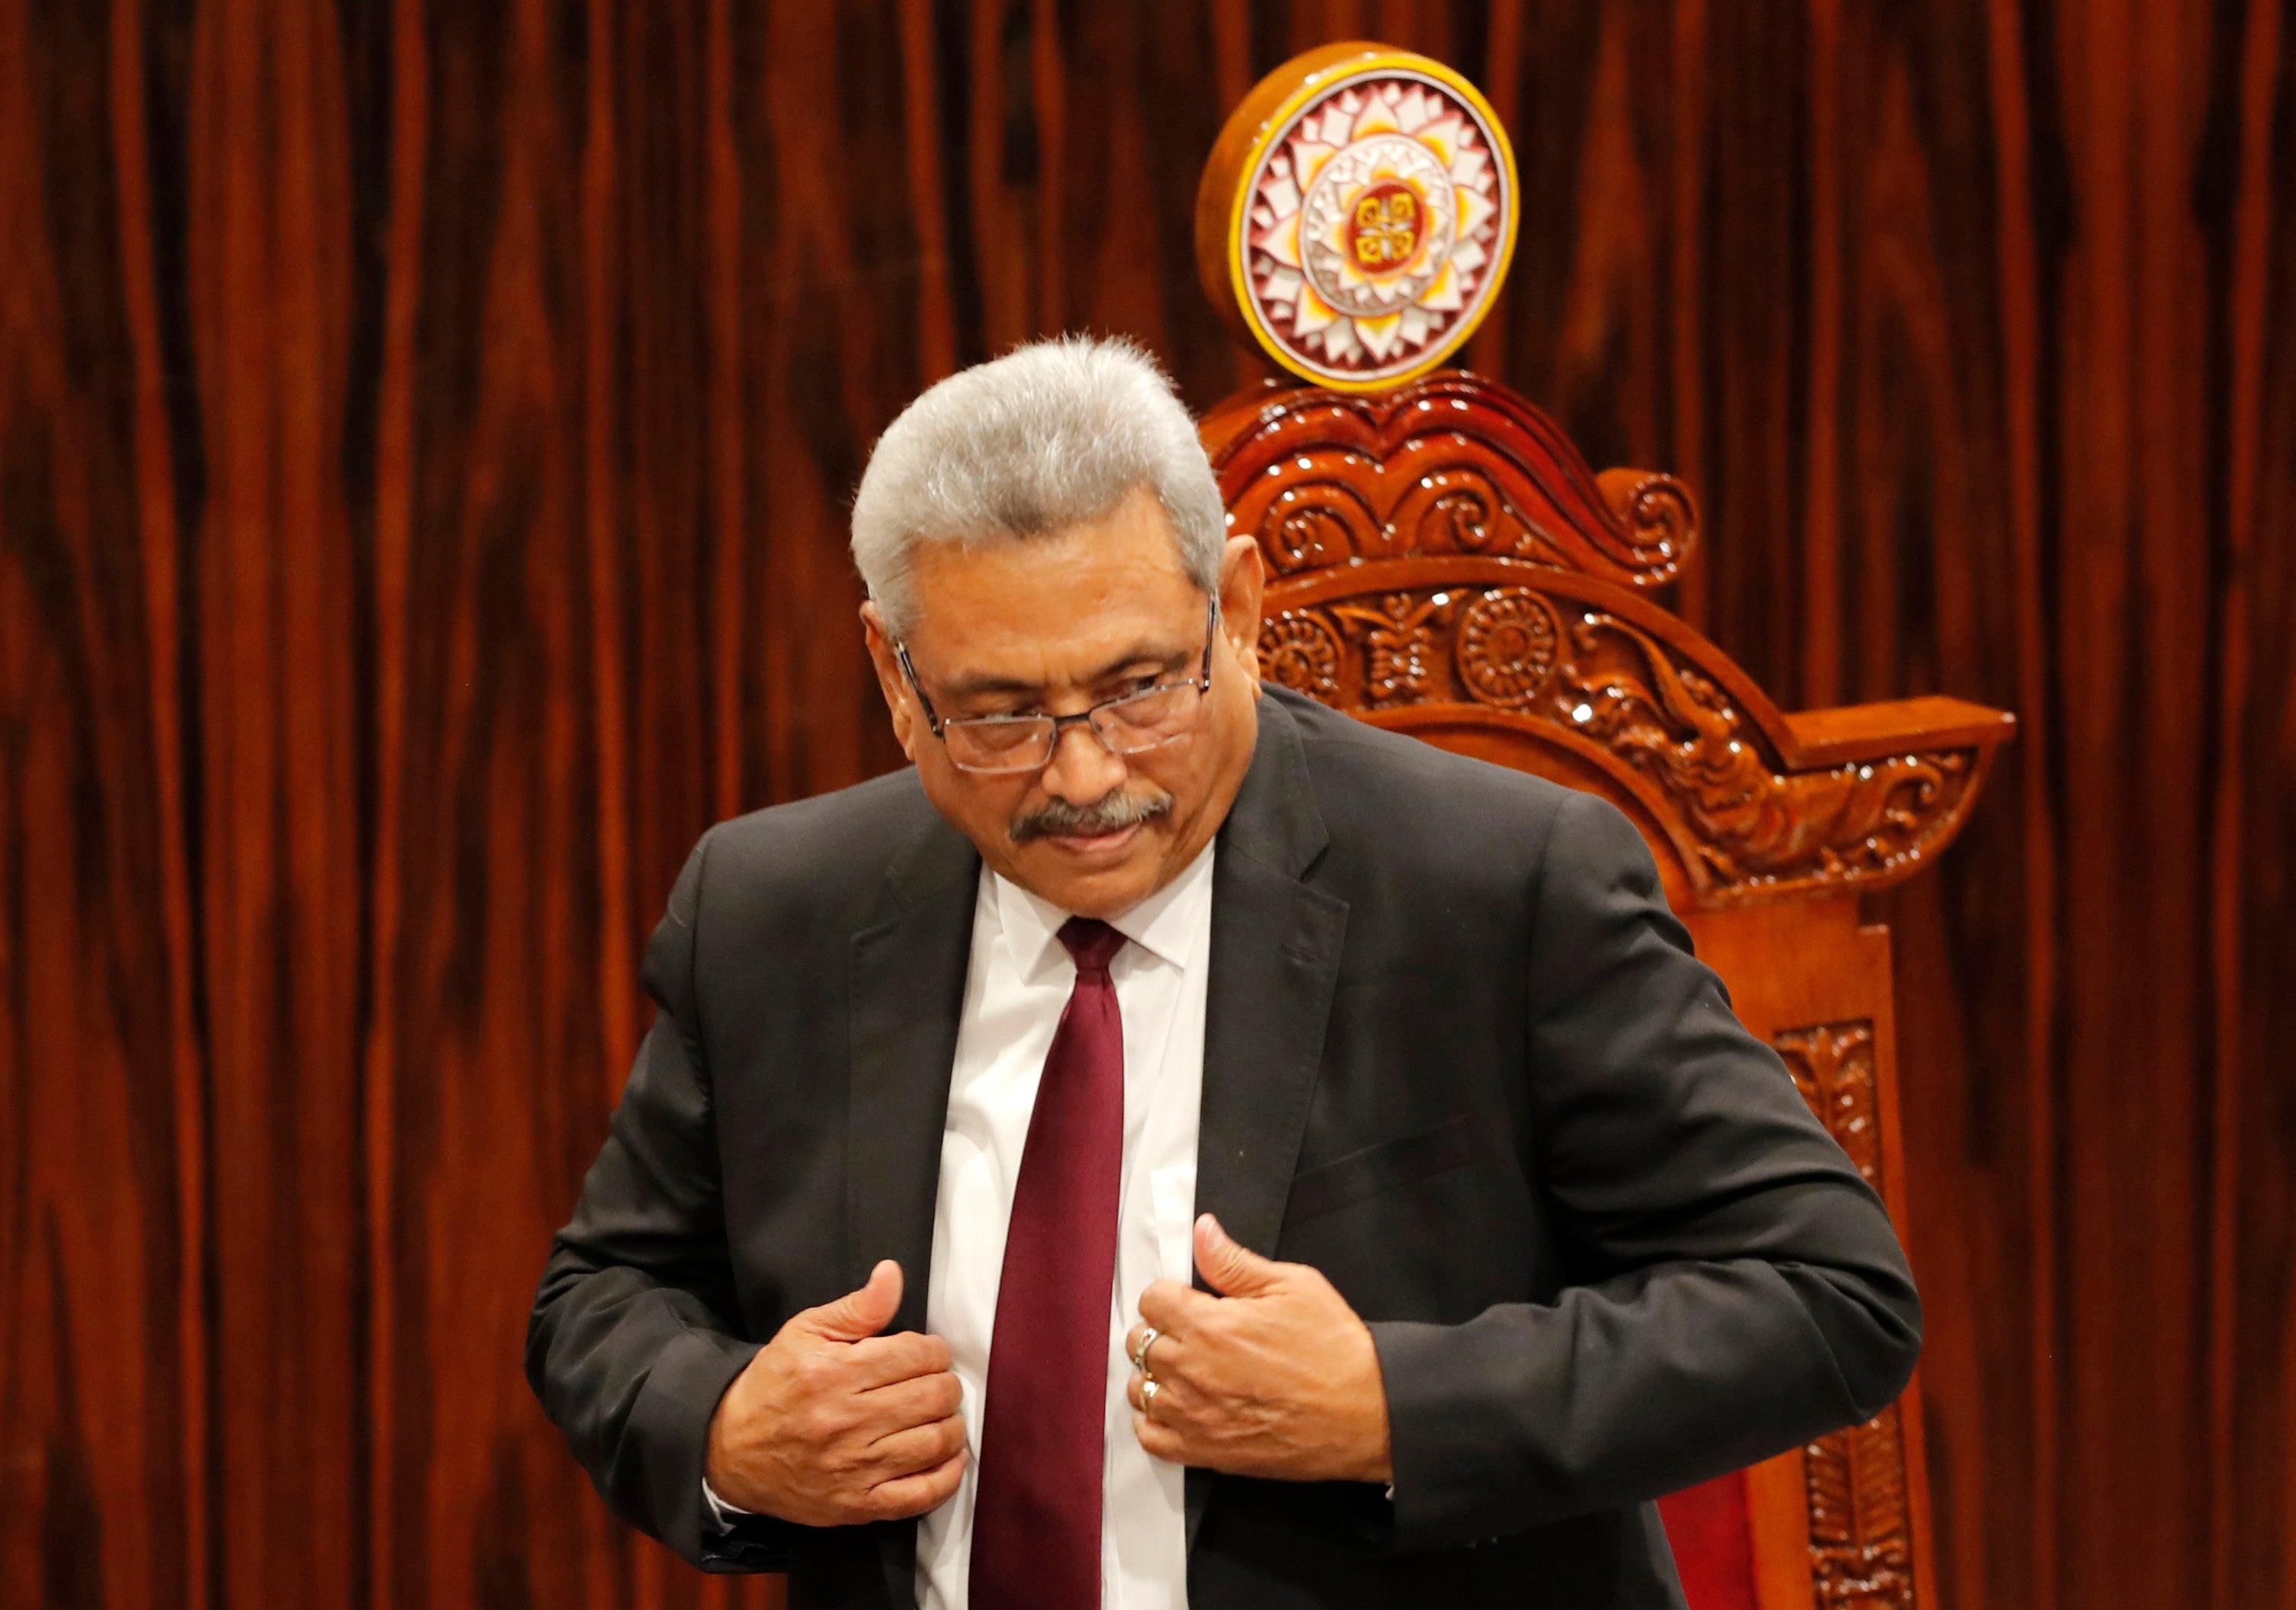 Sri Lanka: UN Rights Council Scrutiny Crucial